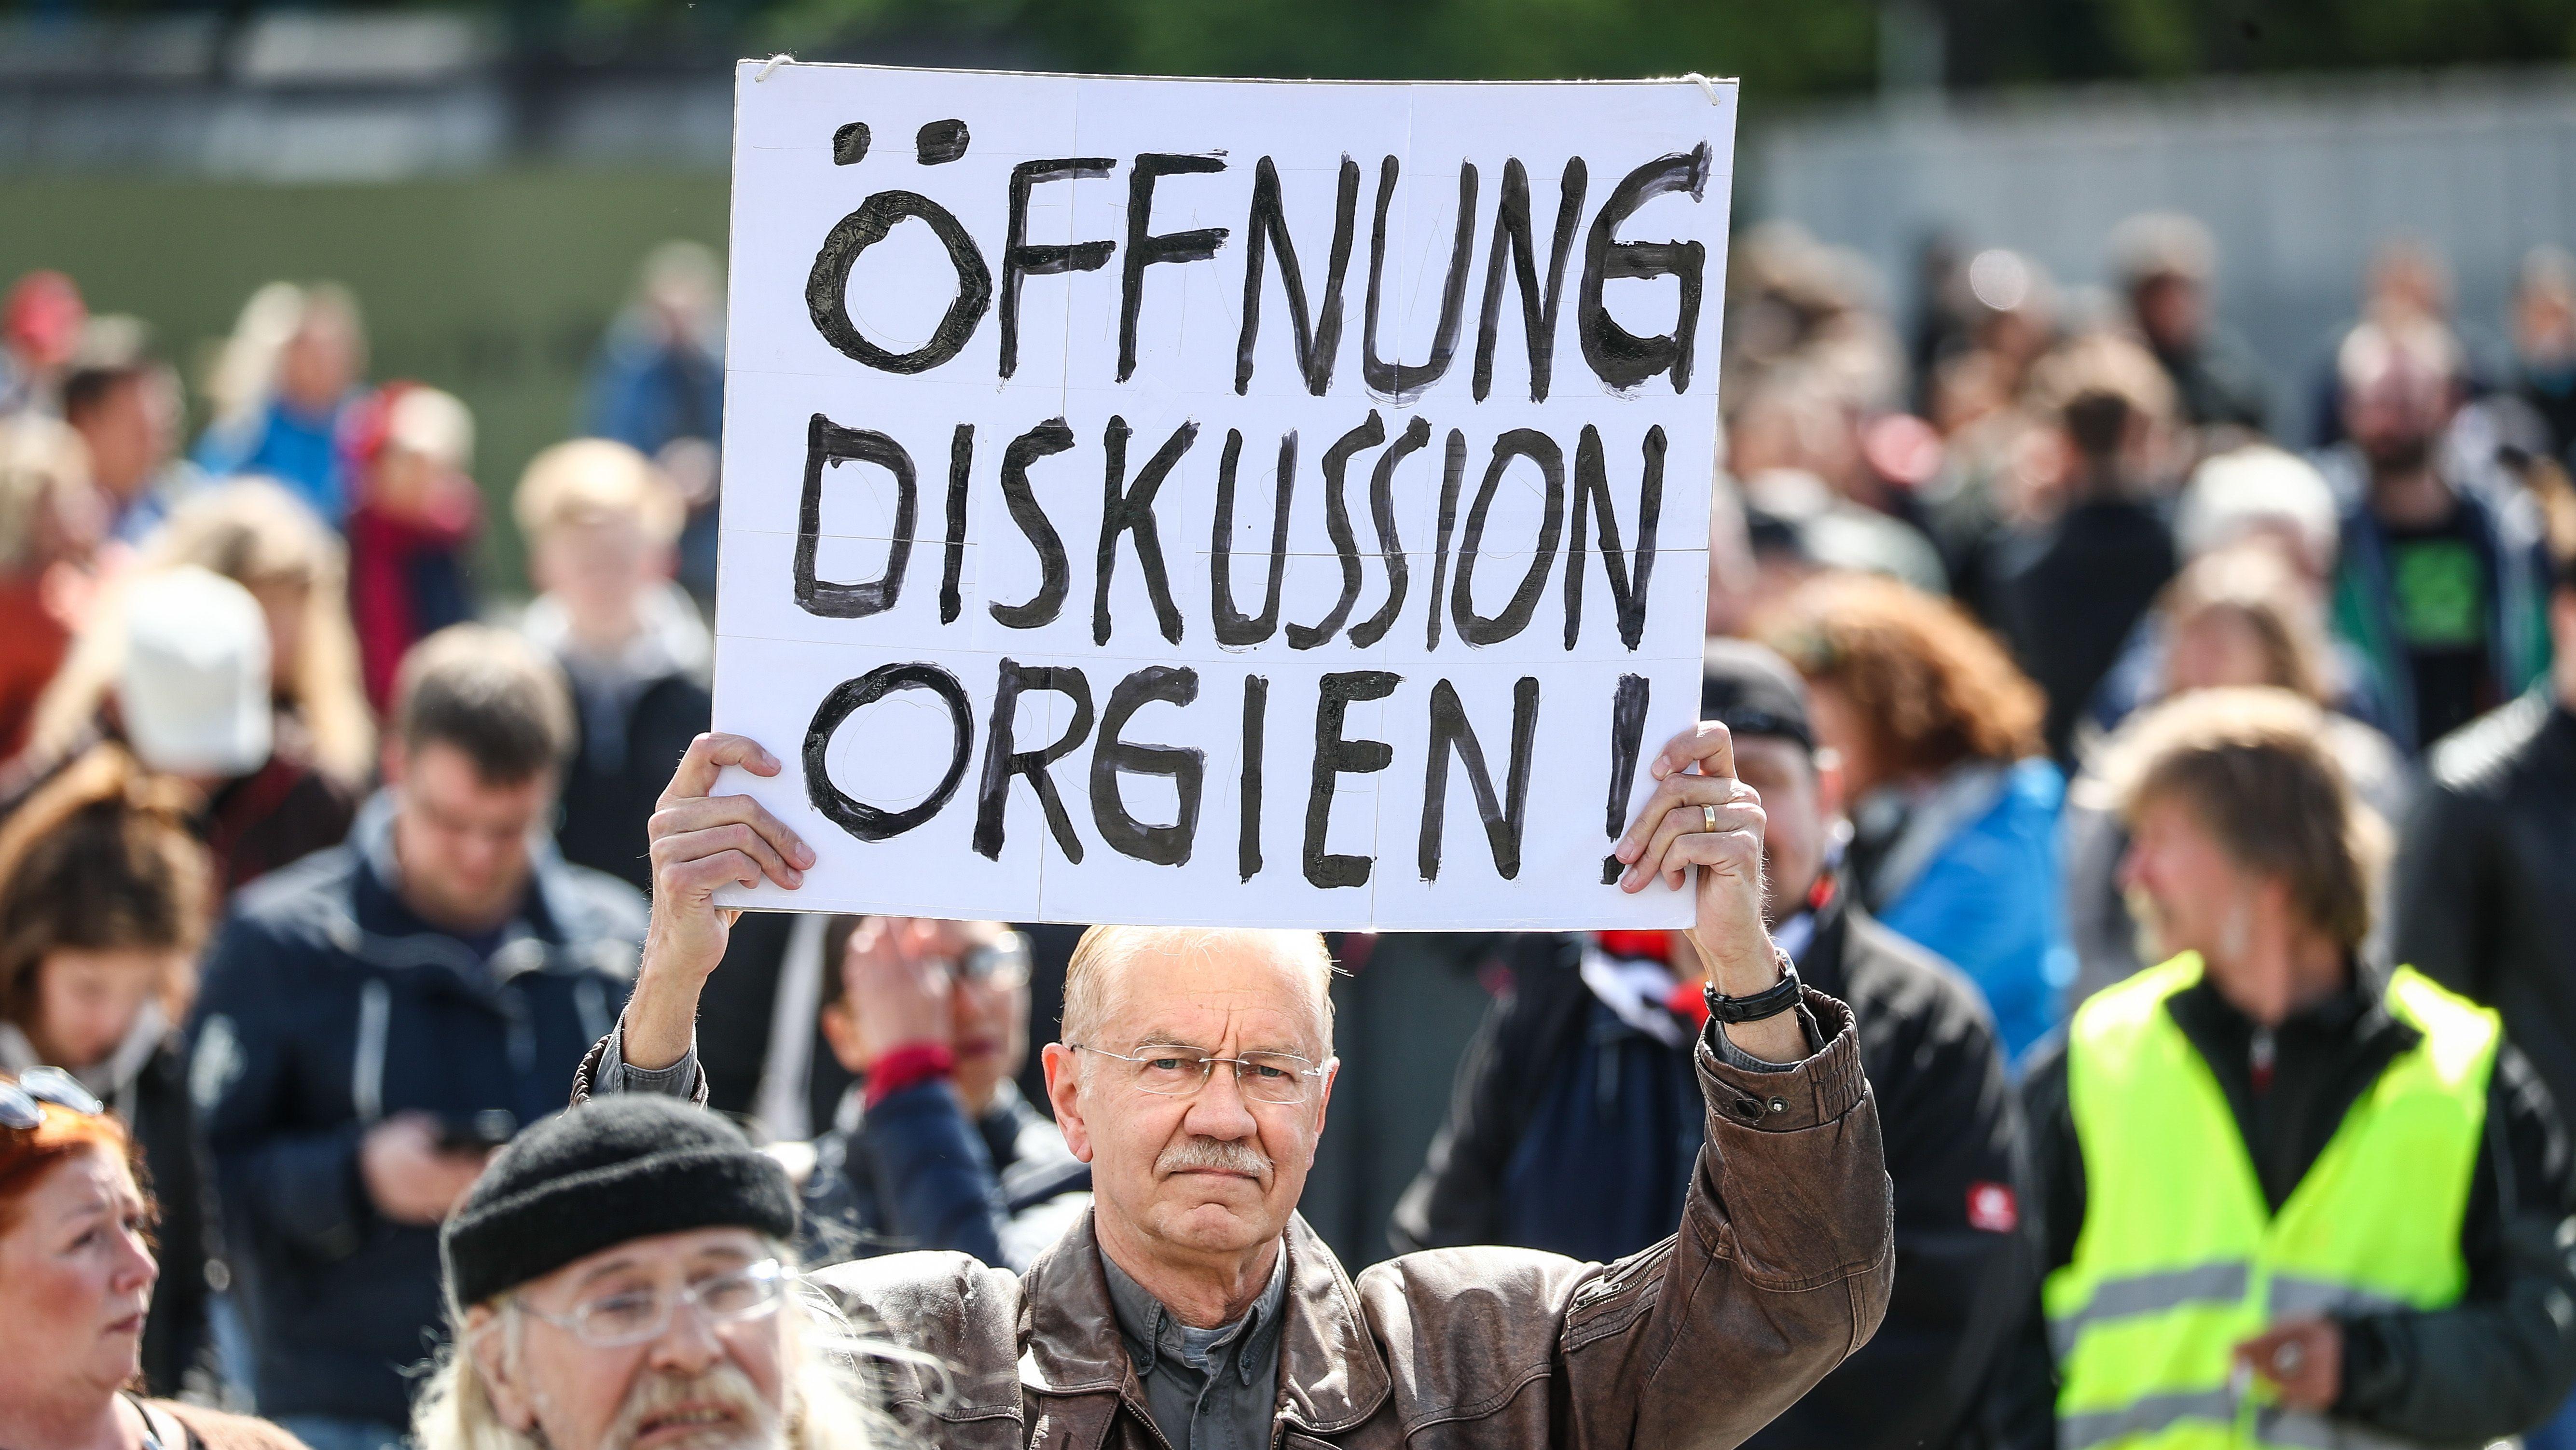 """""""Öffnung Diskussion Orgien!"""" steht auf dem Schild eines Teilnehmers einer Protestkundgebung in Stuttgart gegen die Corona-Beschränkungen."""